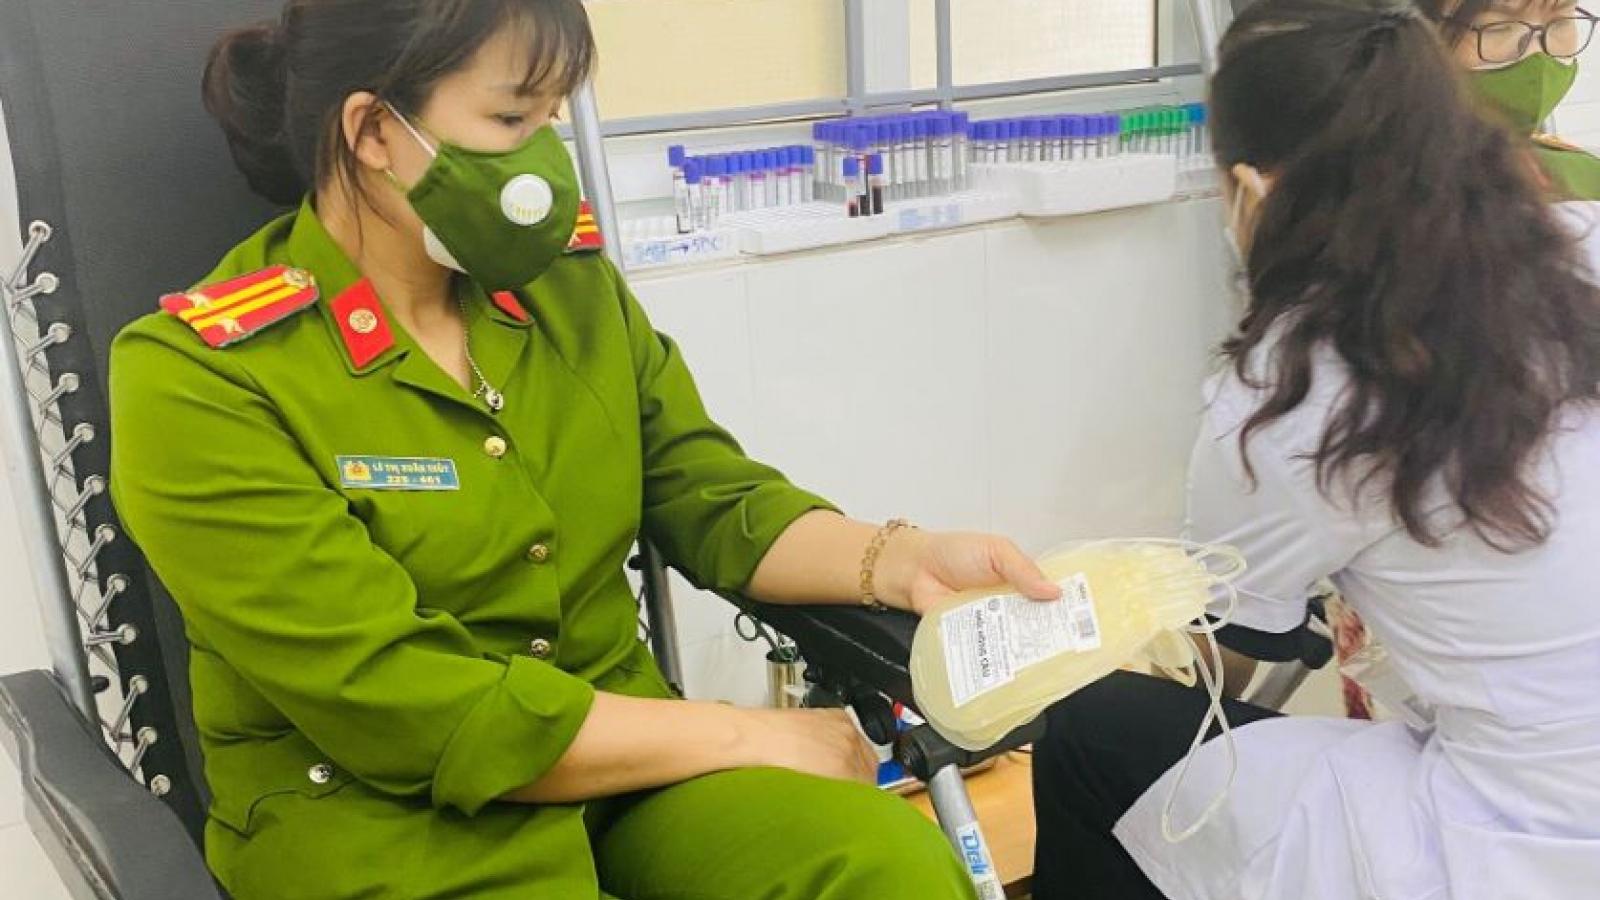 Vừa trực chốt trở về, nữ công an đến ngay bệnh viện hiến máu cứu người